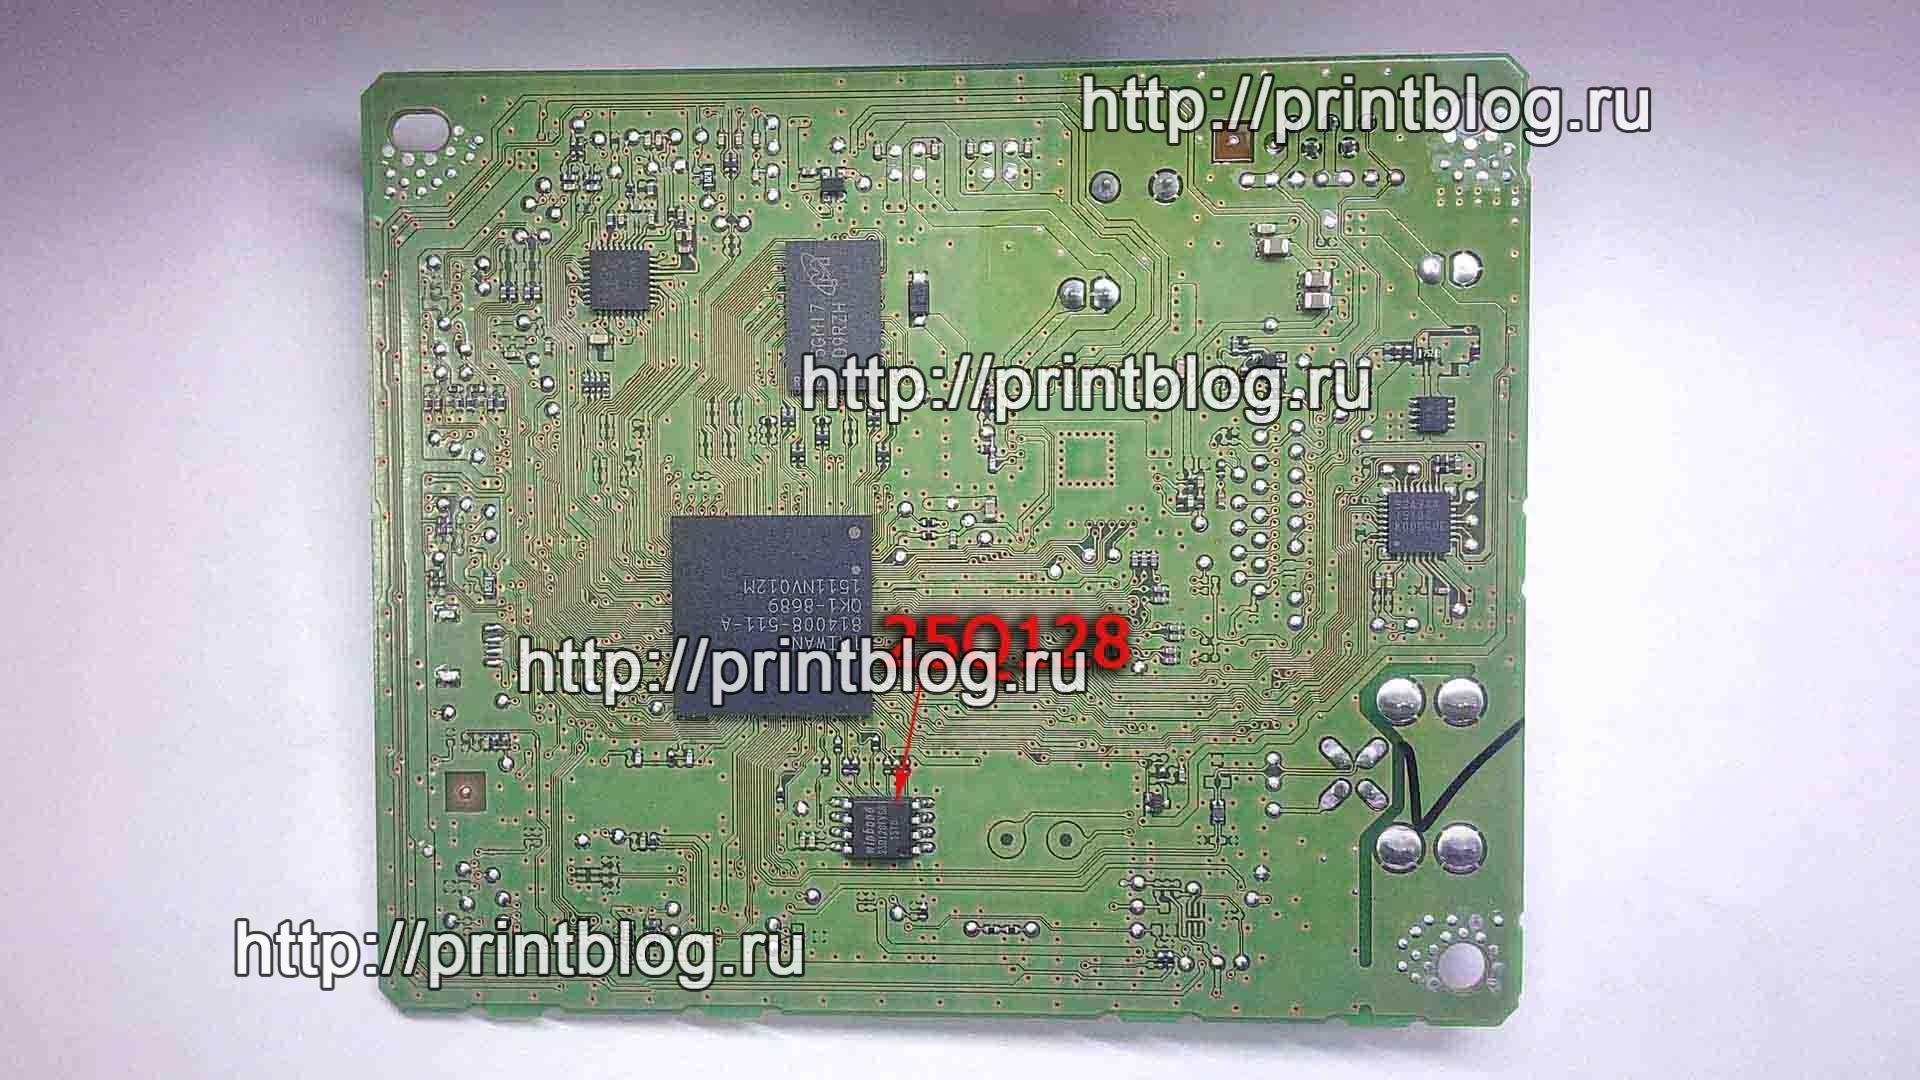 Canon PIXMA MG5740 (MG5700) сброс памперса и ошибки Код поддержки 5B00 (5В00) 25Q16